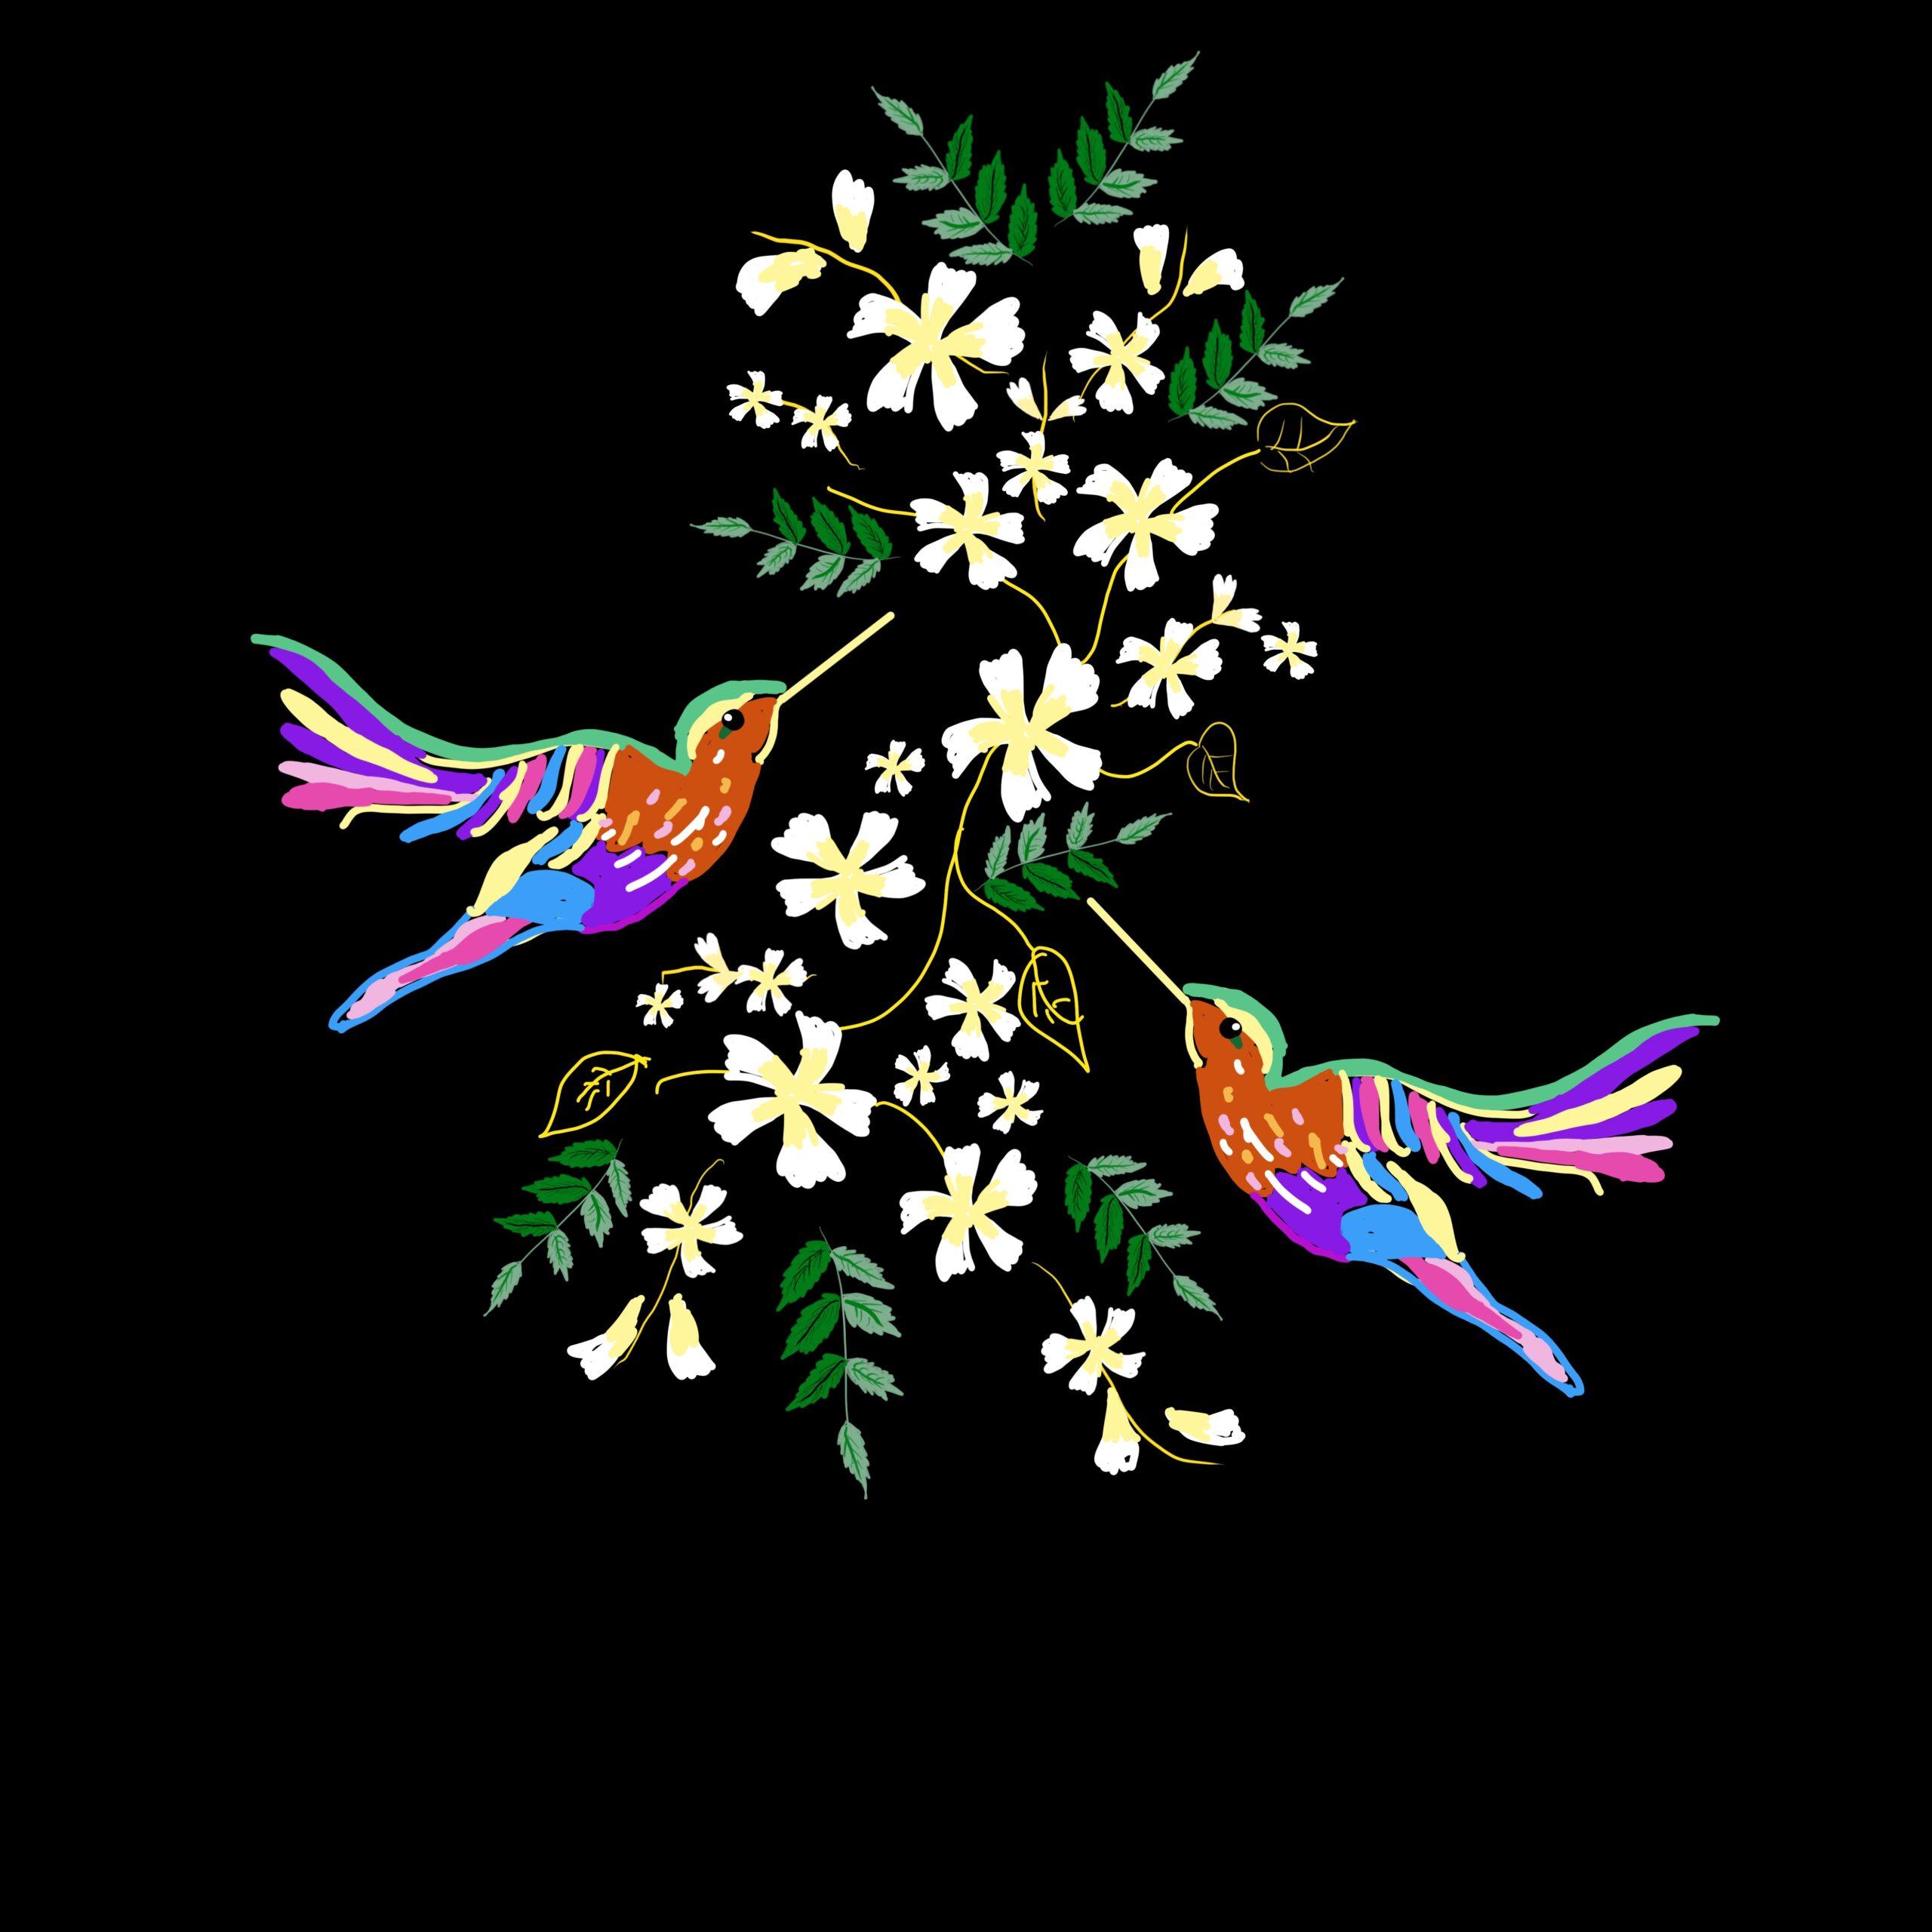 Flowers blooming in nature reel